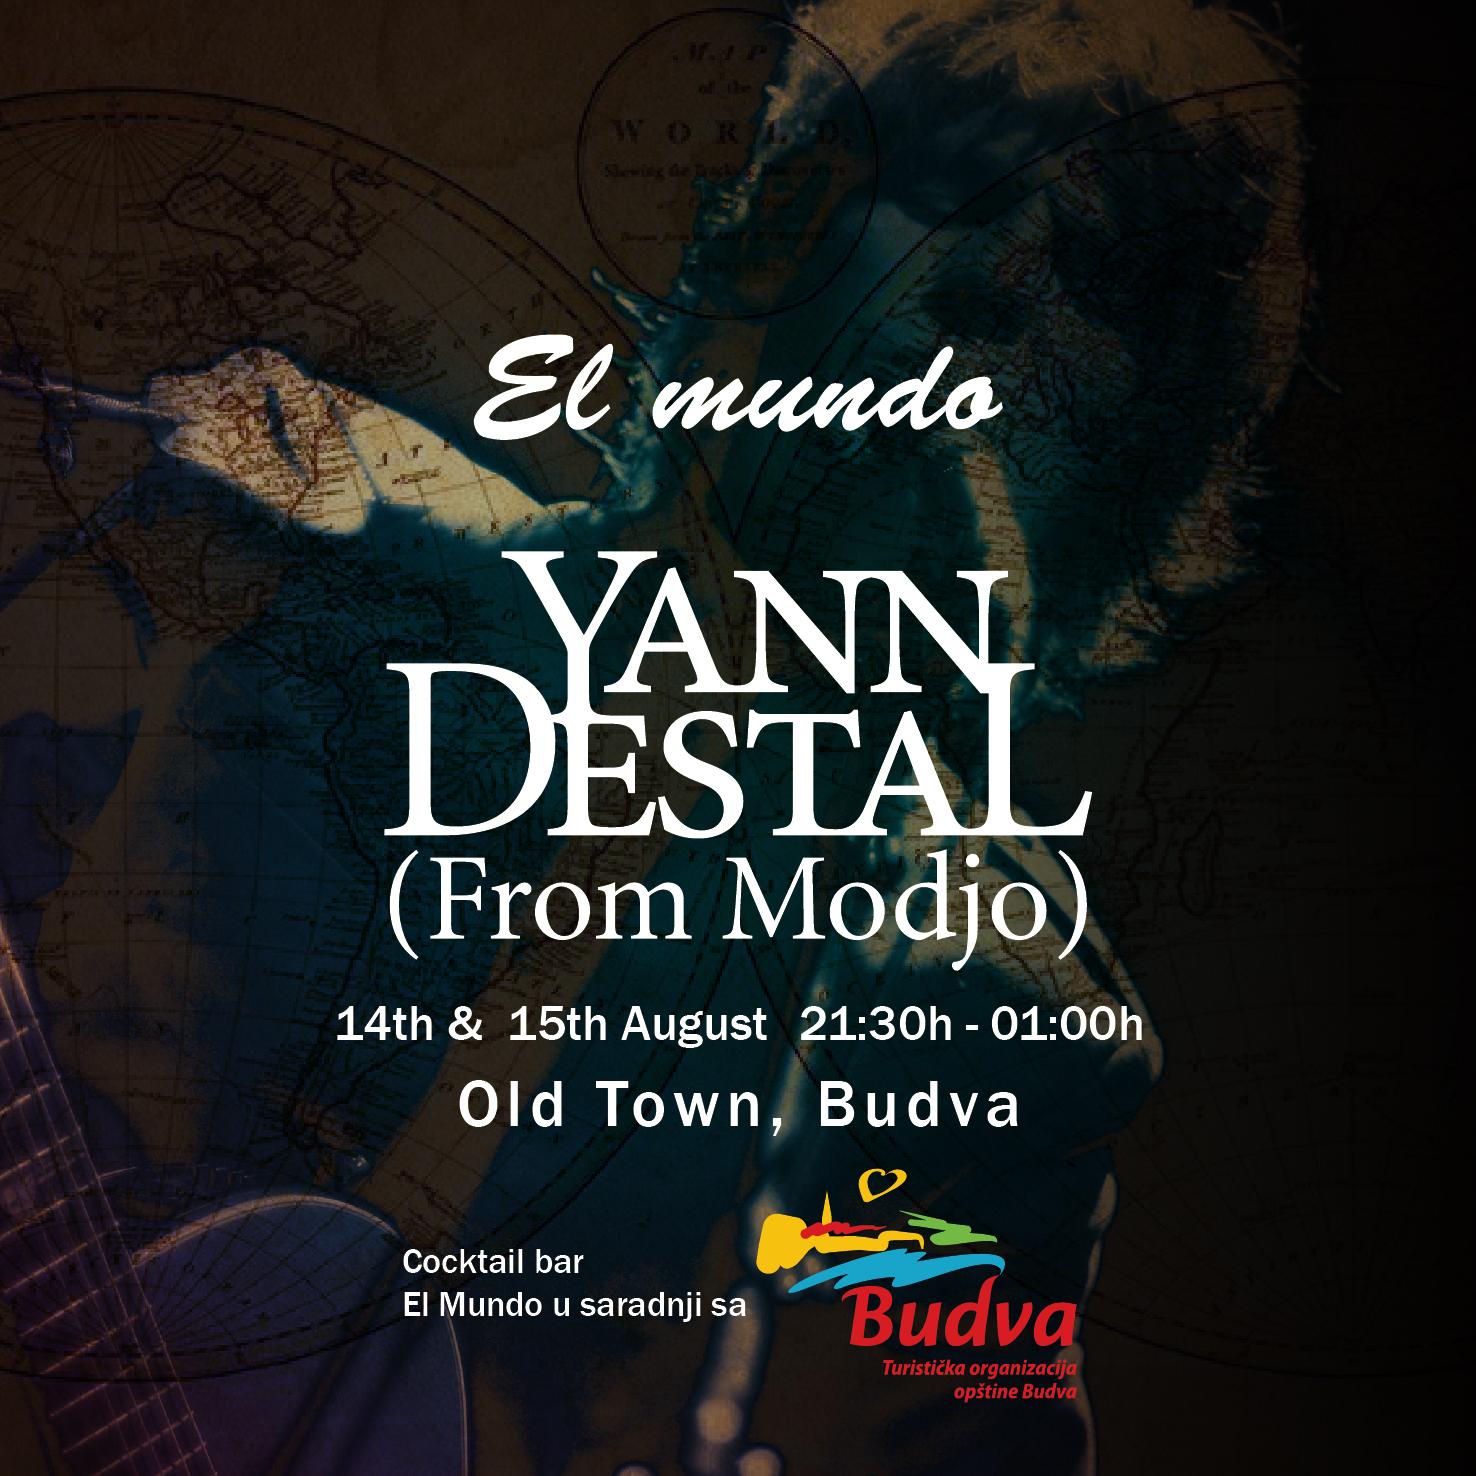 Yann Destal from Modjo